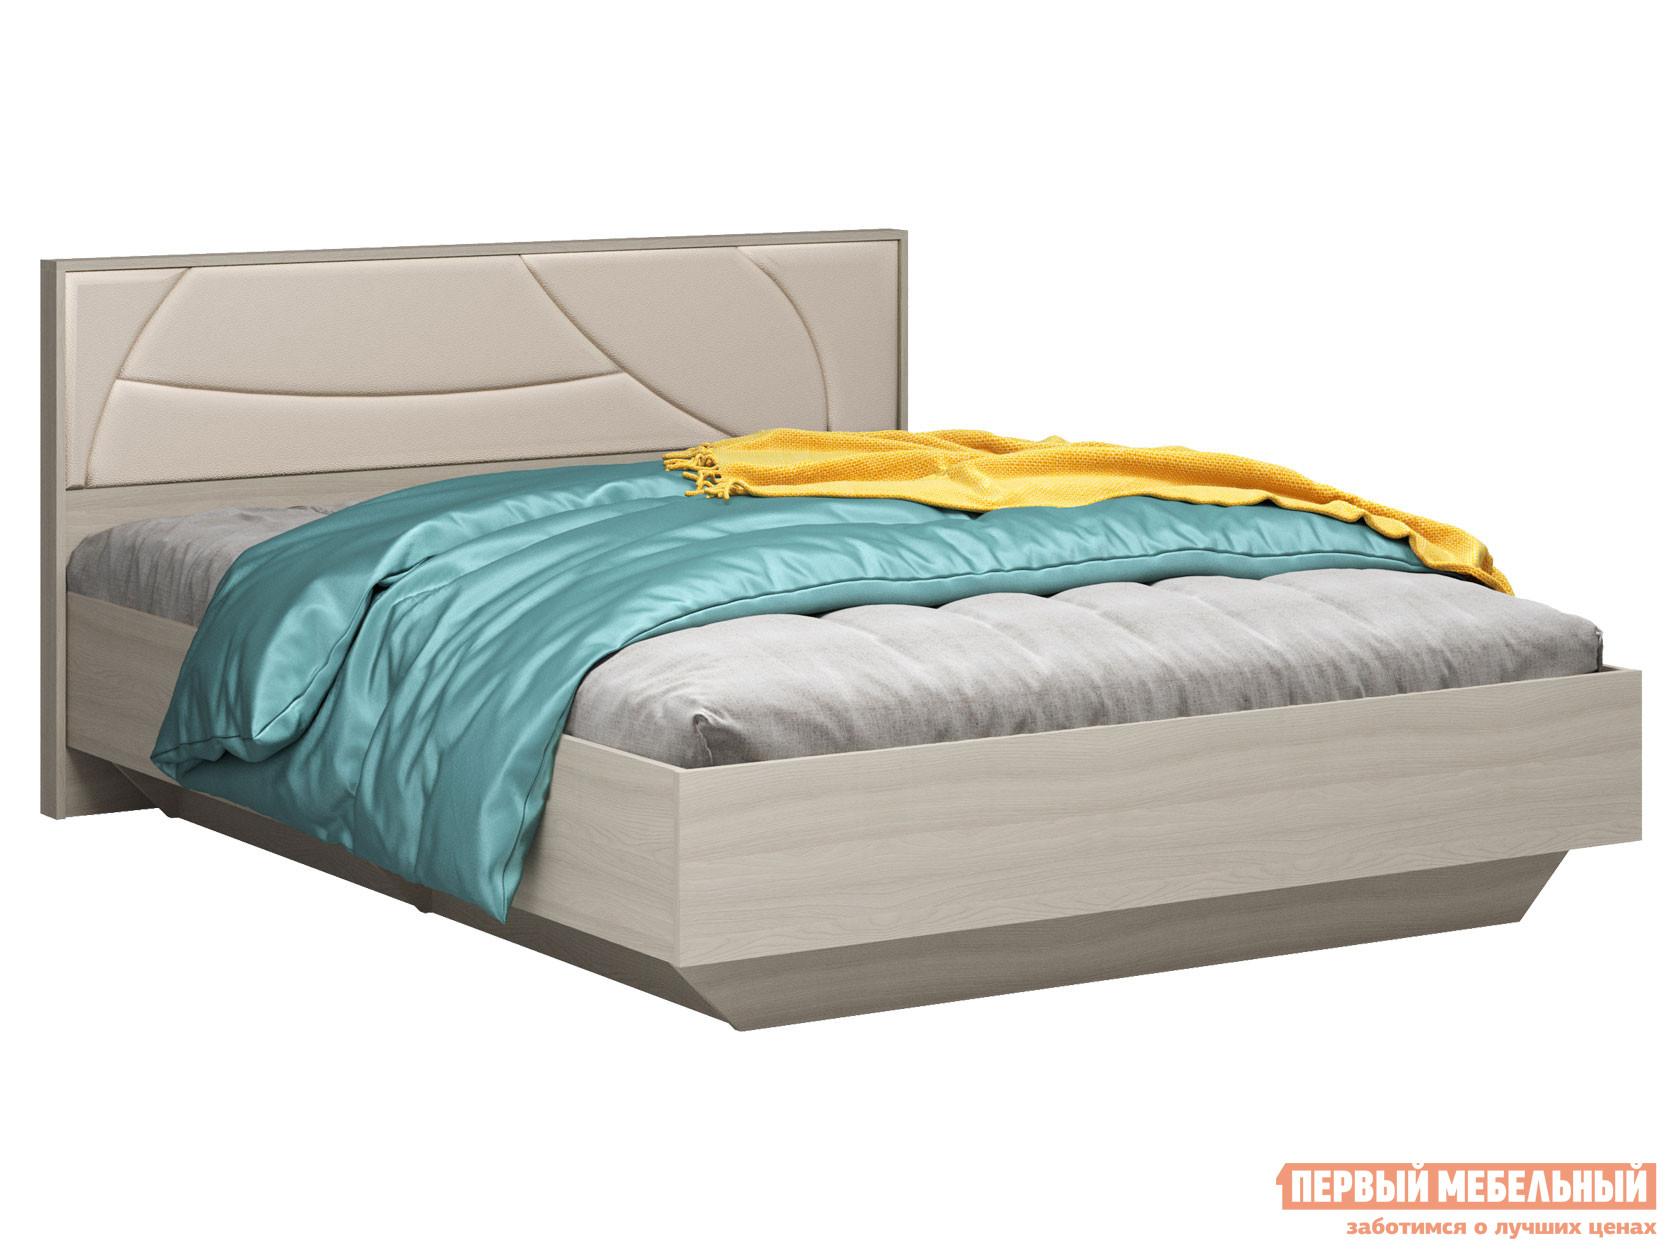 Двуспальная кровать  Мирти Люкс Ясень шимо светлый / Ваниль, экокожа, 140х200 см, С анатомическим основанием